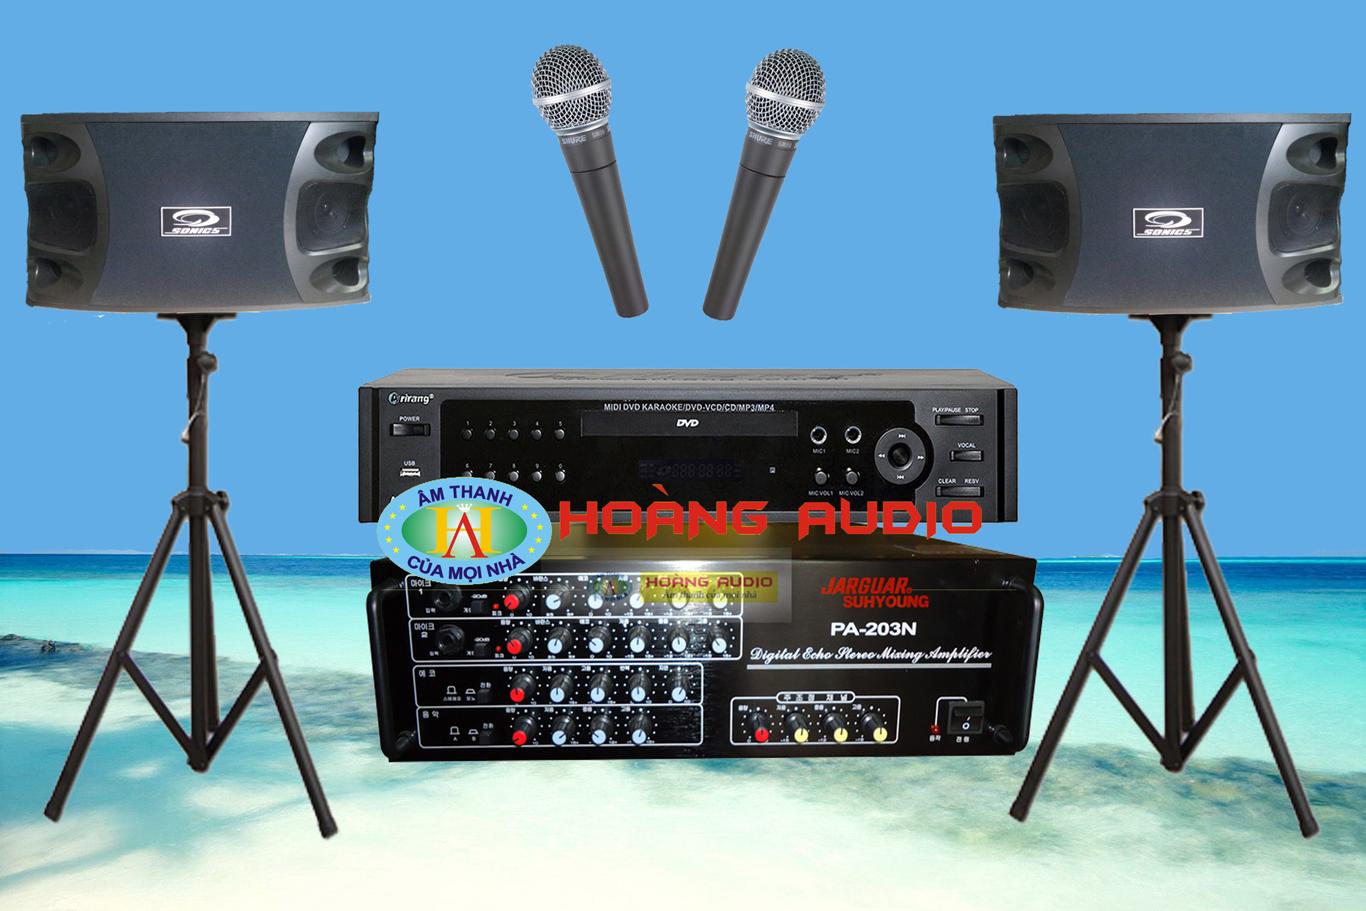 Thumbnail image for Bộ dàn karaoke gia đình HO 24